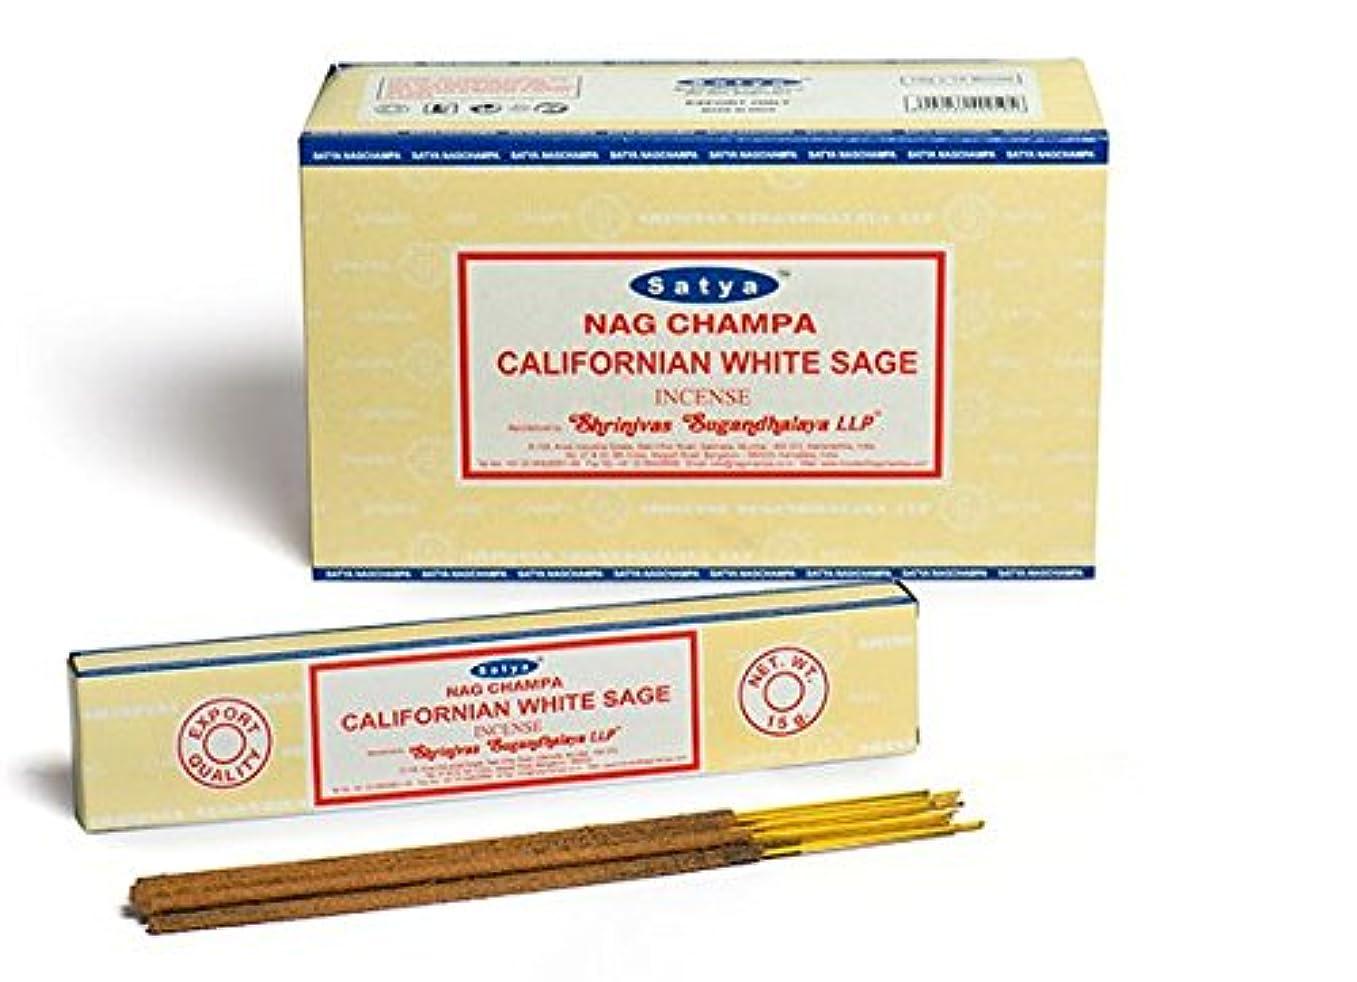 却下する受動的贅沢なSatya Nag Champa カリフォルニアホワイトセージ香スティック Agarbatti 180グラムボックス | 15グラム入り12パック 箱入り | 輸出品質